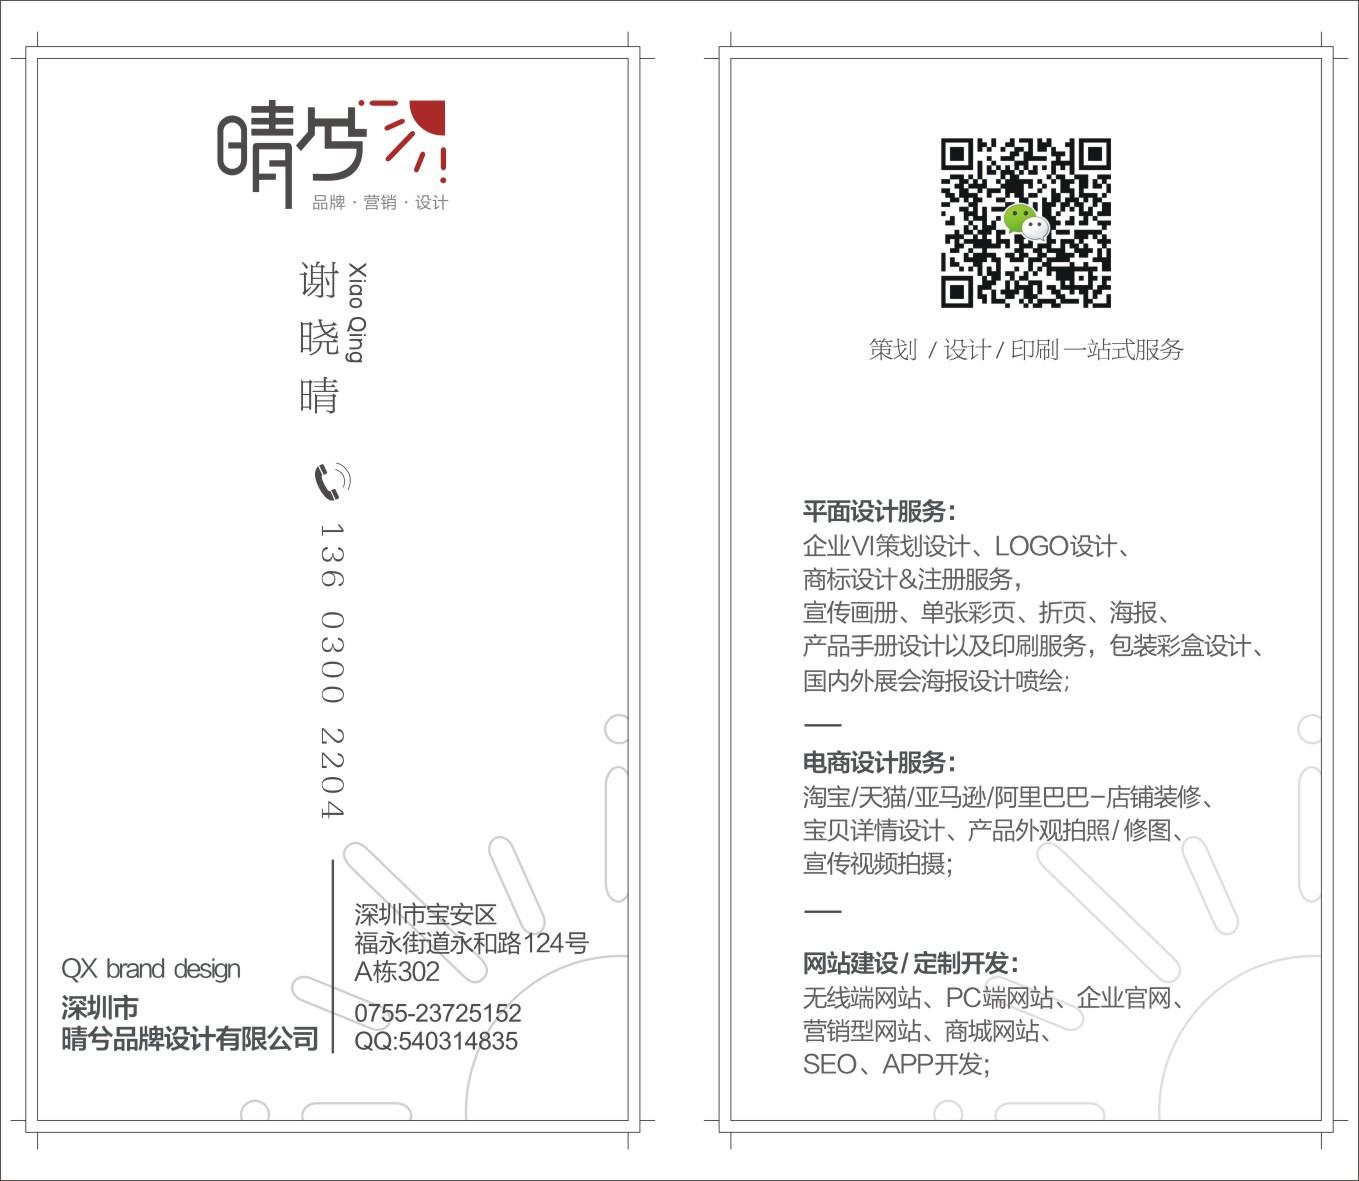 罗湖商标设计 办公文教标志设计 彩页印刷 宣传册印刷设计深圳市